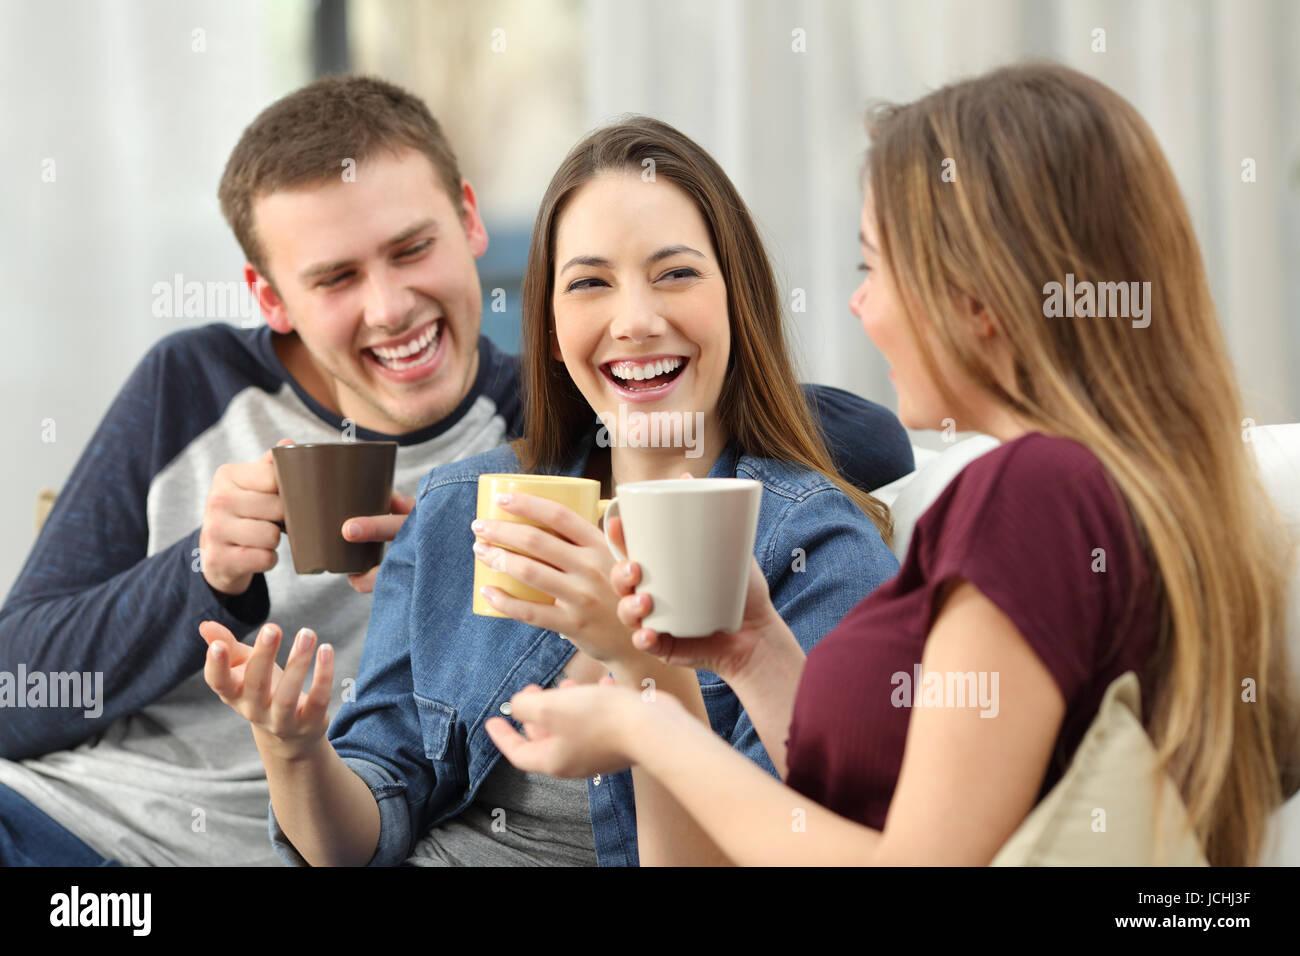 Tre amici felici parlando e ridendo forte holding drink seduto su un divano nel soggiorno di casa Immagini Stock